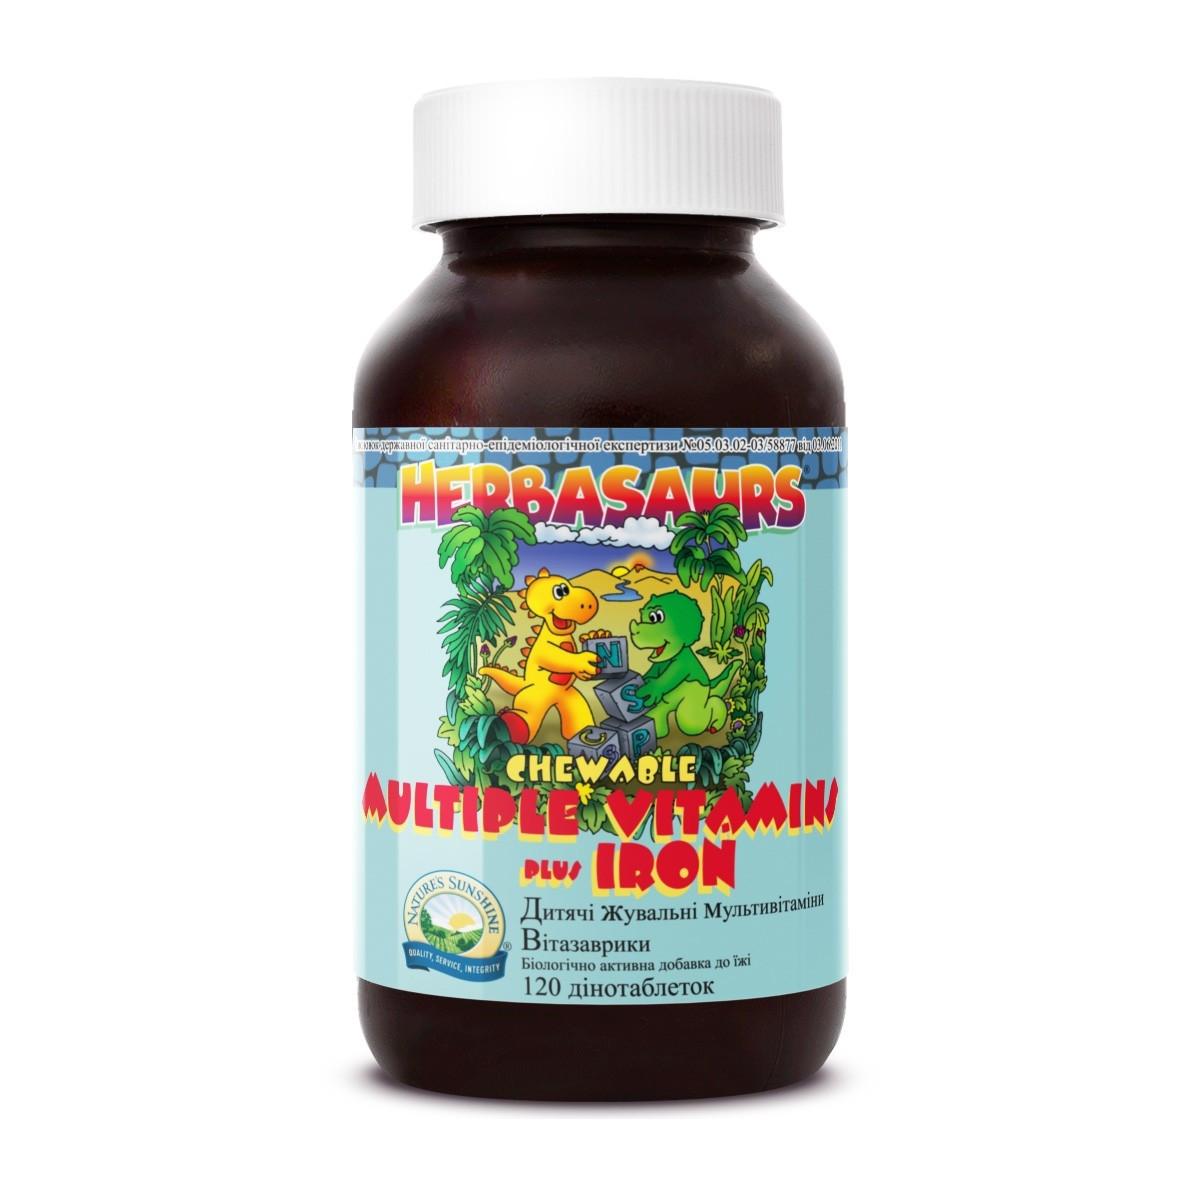 """Дитячі жувальні мультивітаміни """"Вітазаврики"""" children's Chewable Multiple Vitamins plus Iron, NSP, США"""